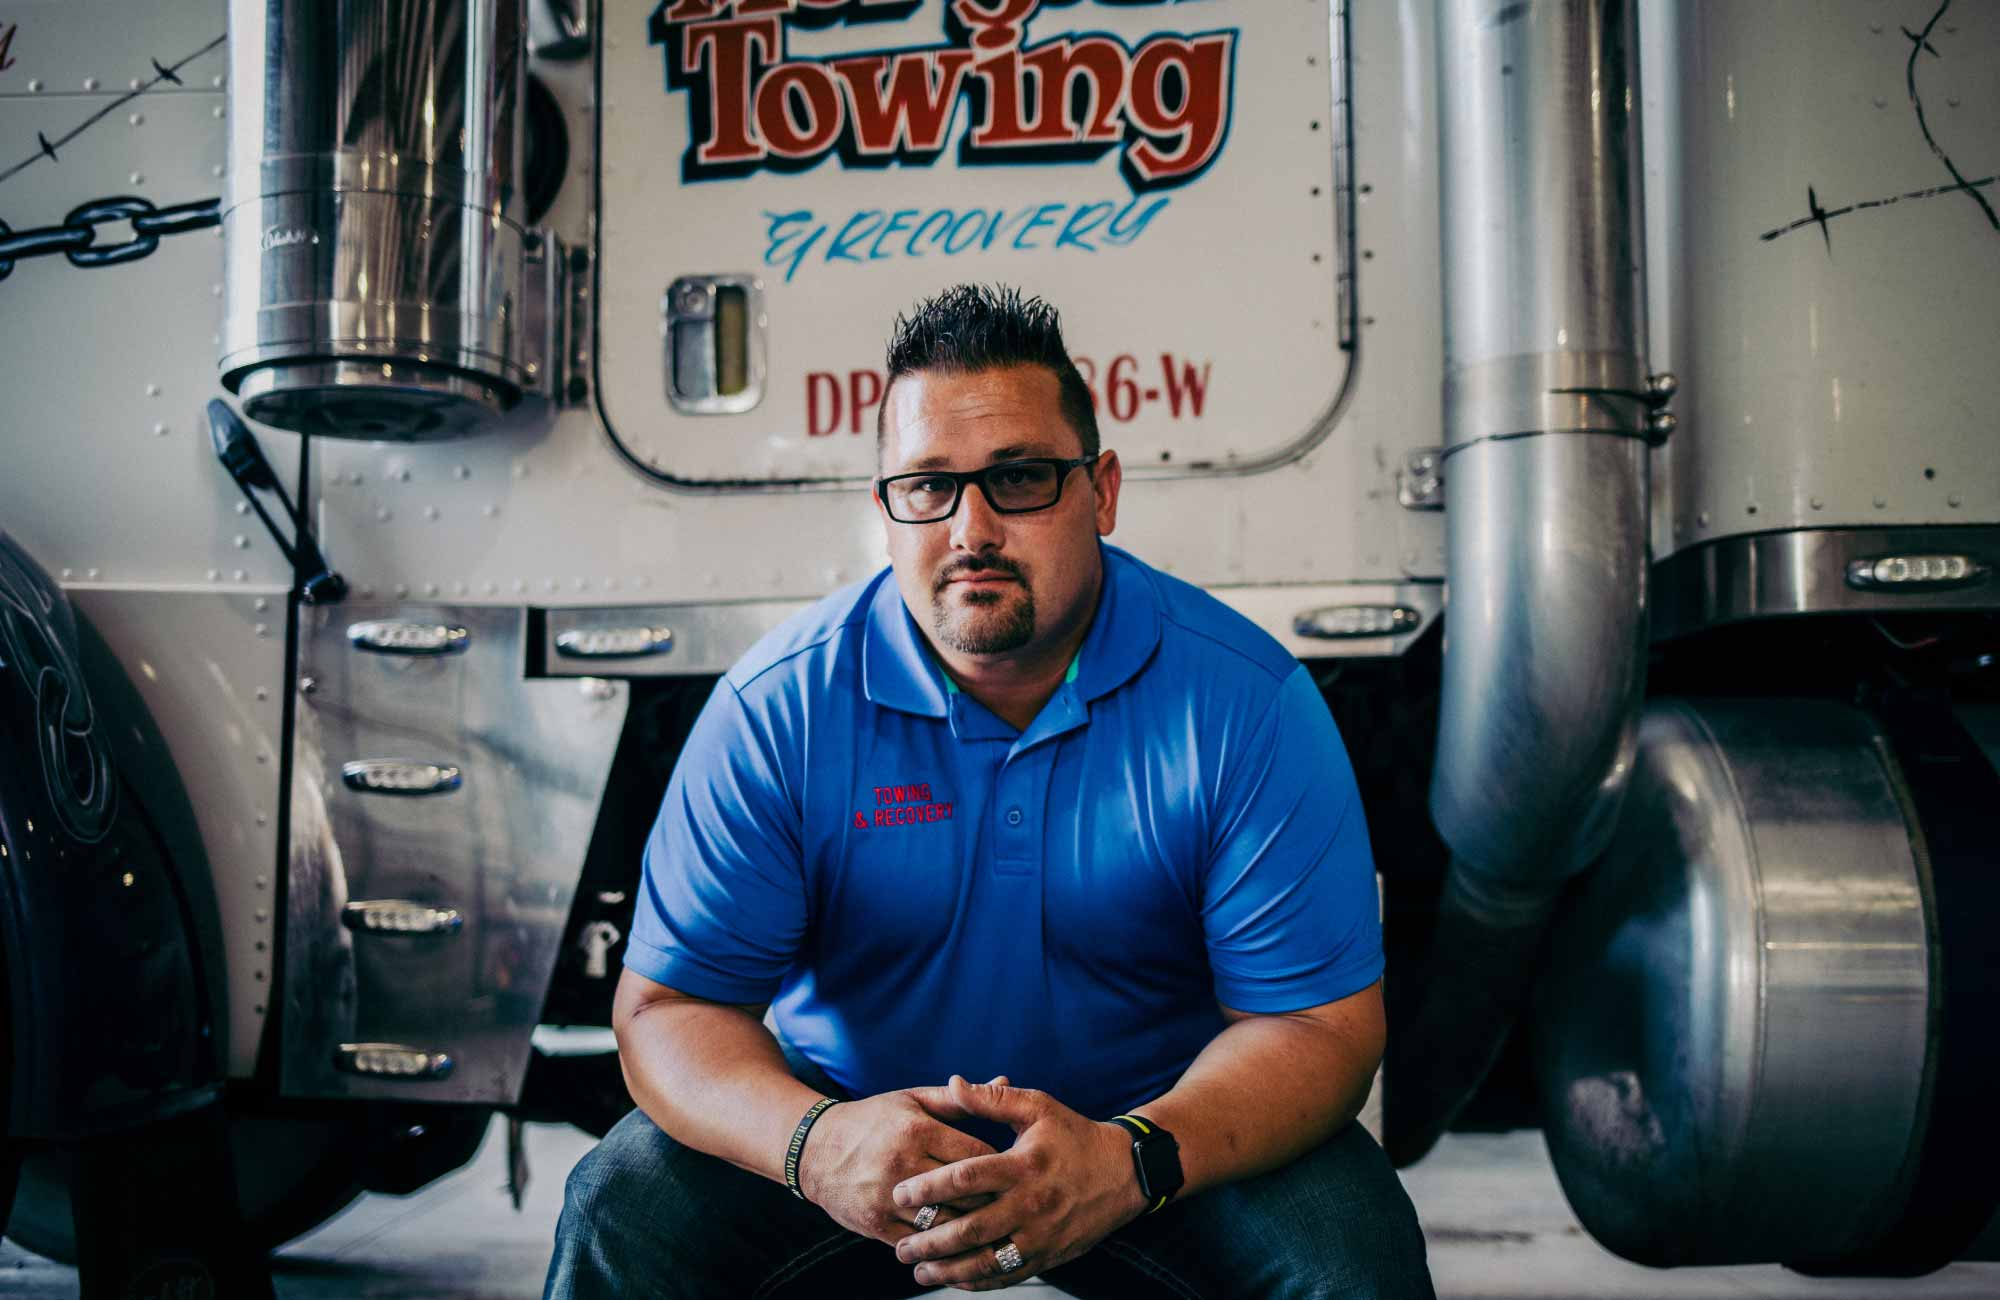 TowOwner_TruckDoor.jpg